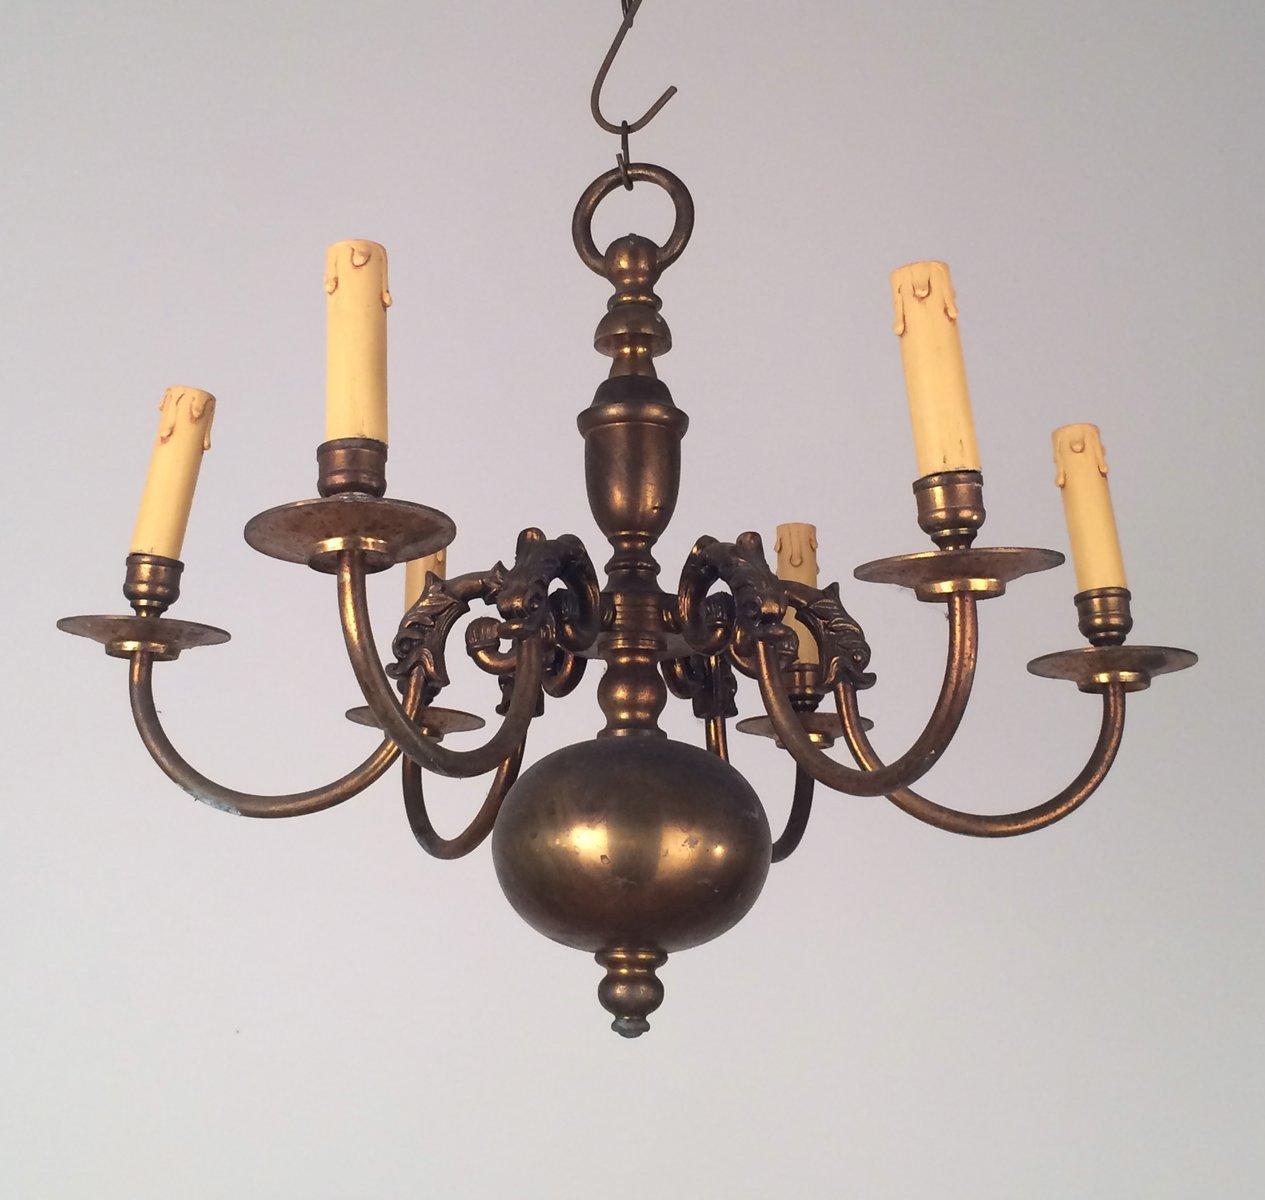 niederl ndischer kronleuchter aus bronze messing 1940er. Black Bedroom Furniture Sets. Home Design Ideas